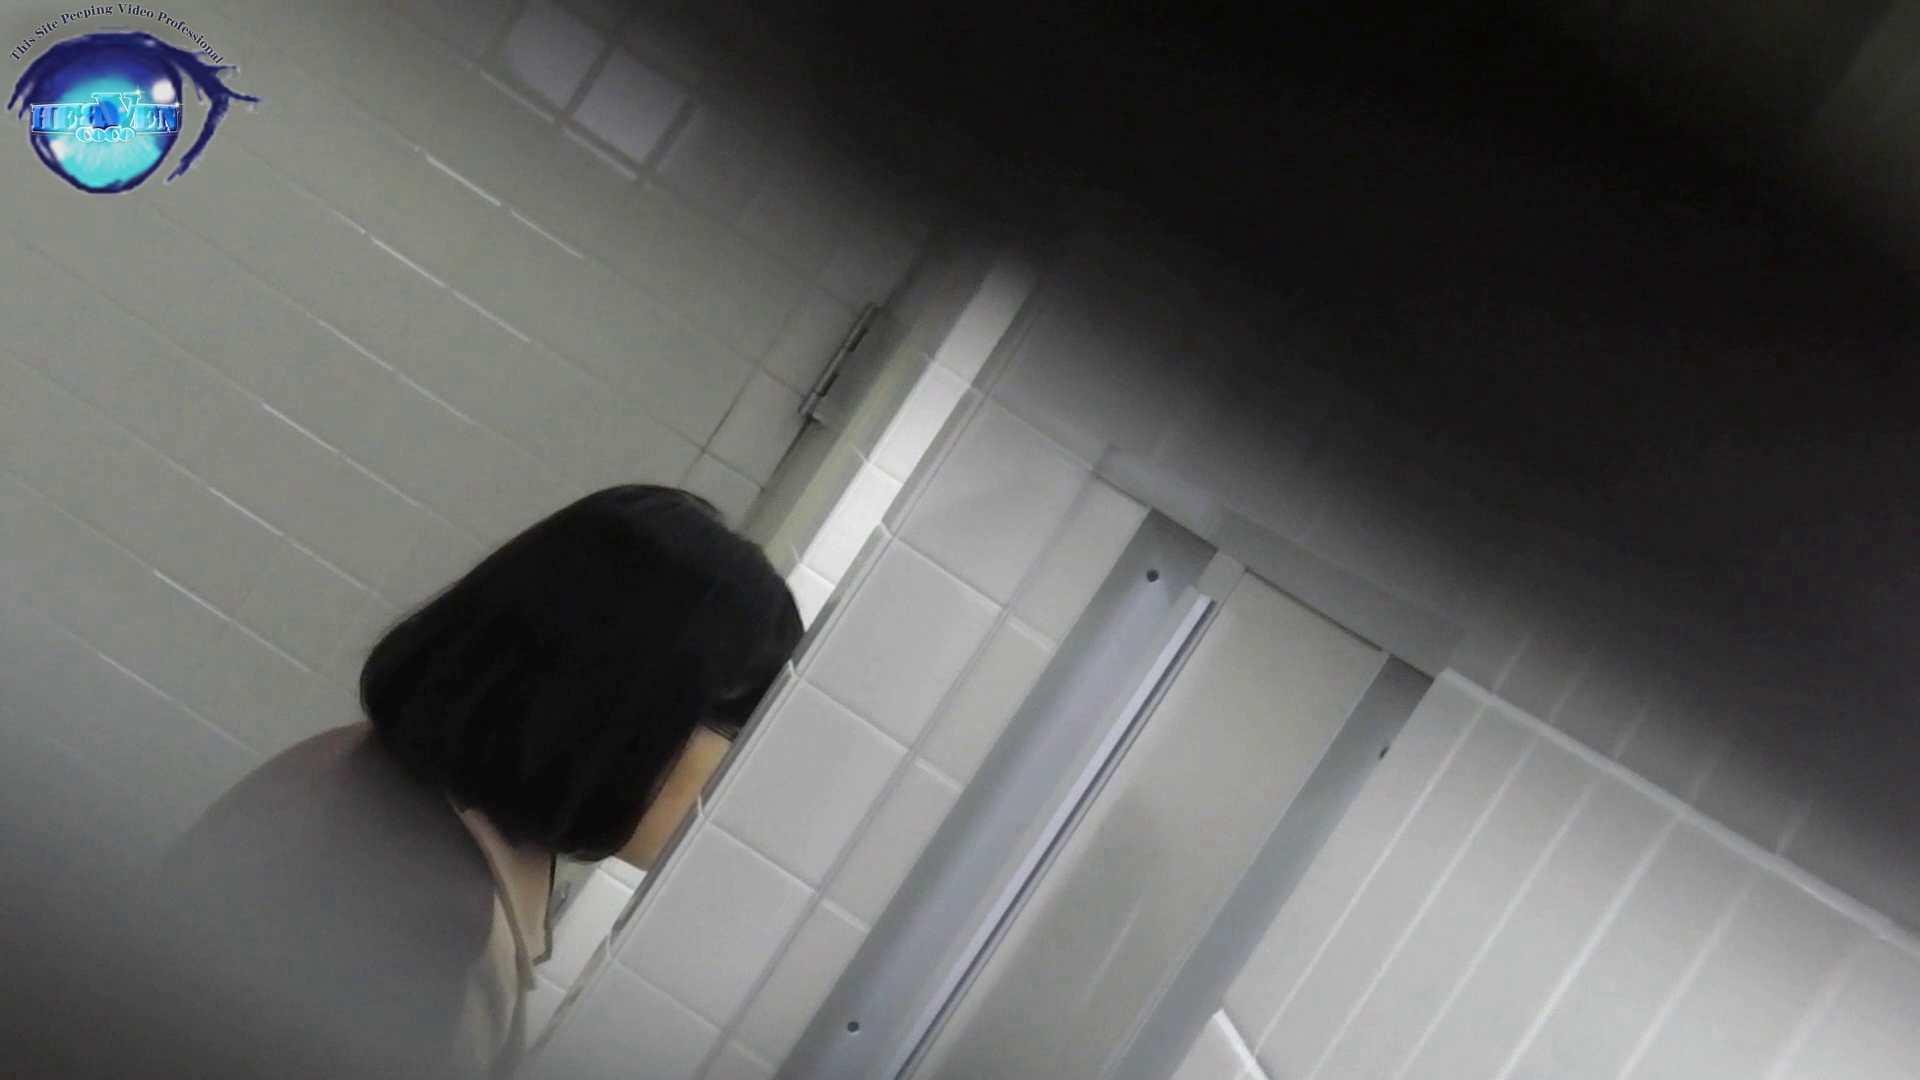 お銀さん vol.59 ピンチ!!「鏡の前で祈る女性」にばれる危機 前編 おまんこ見放題  83PIX 16